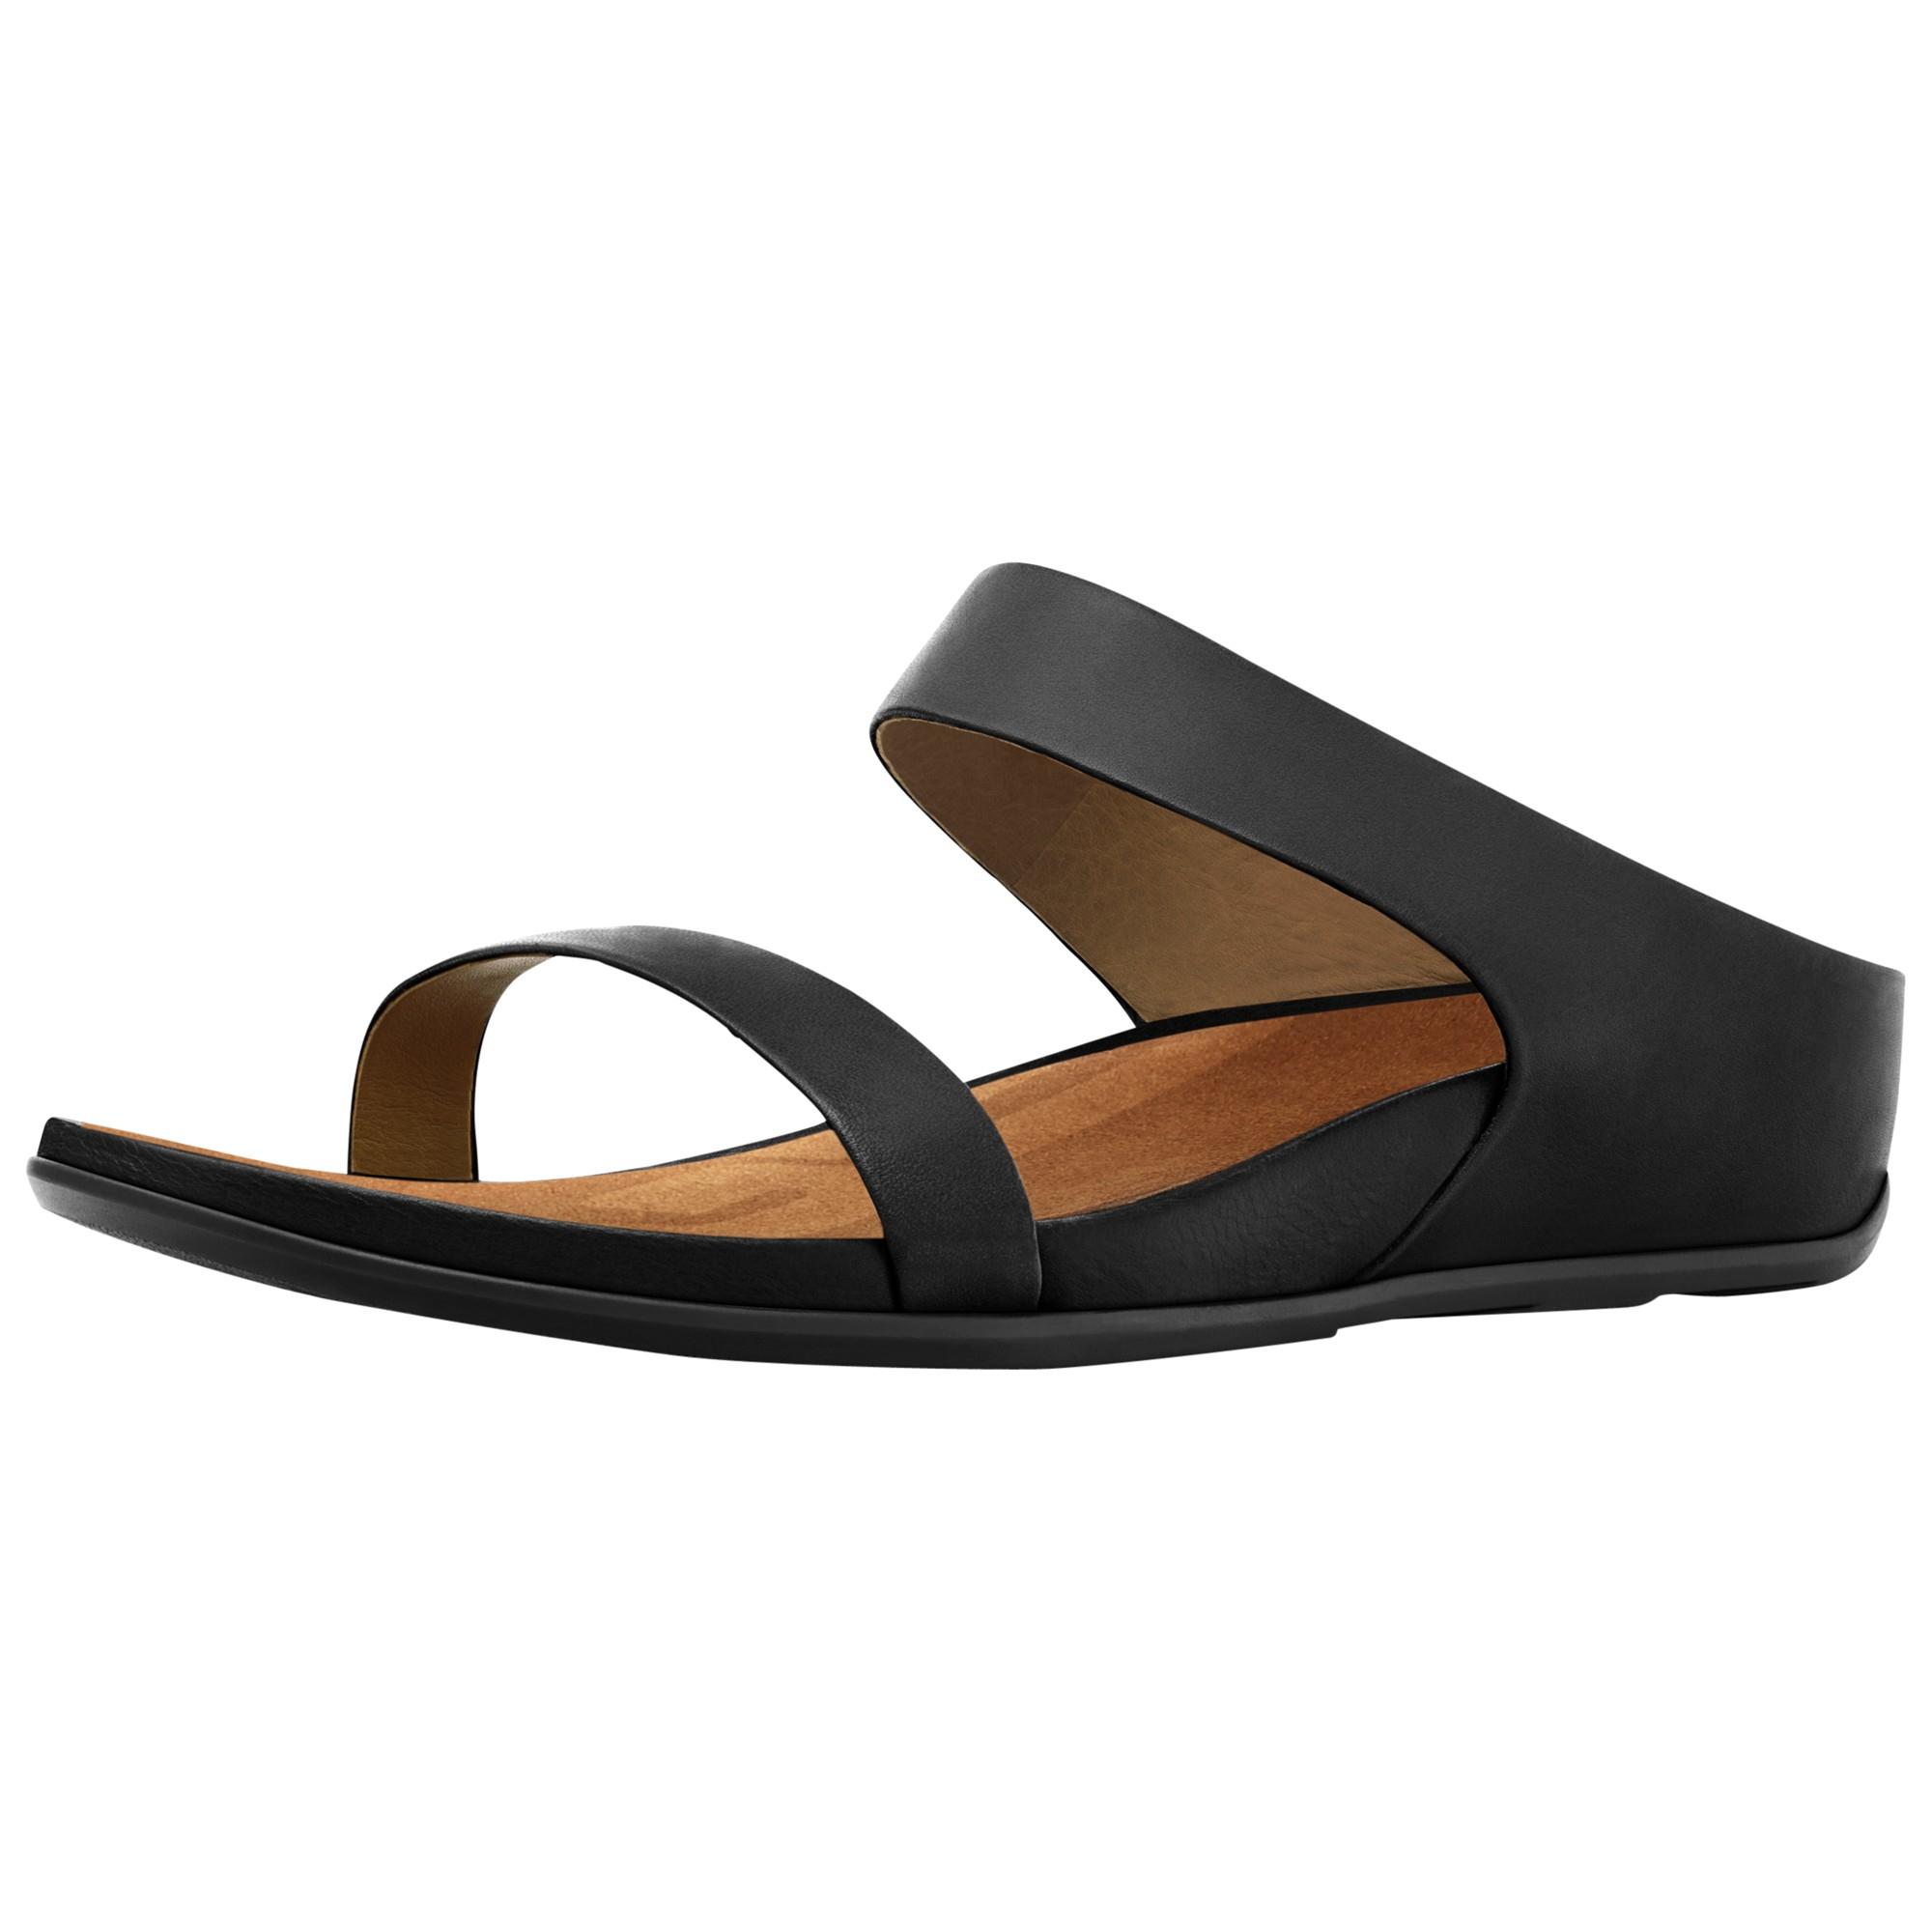 b4f2f7ef37a4 Fitflop Banda Slide Sandal Black